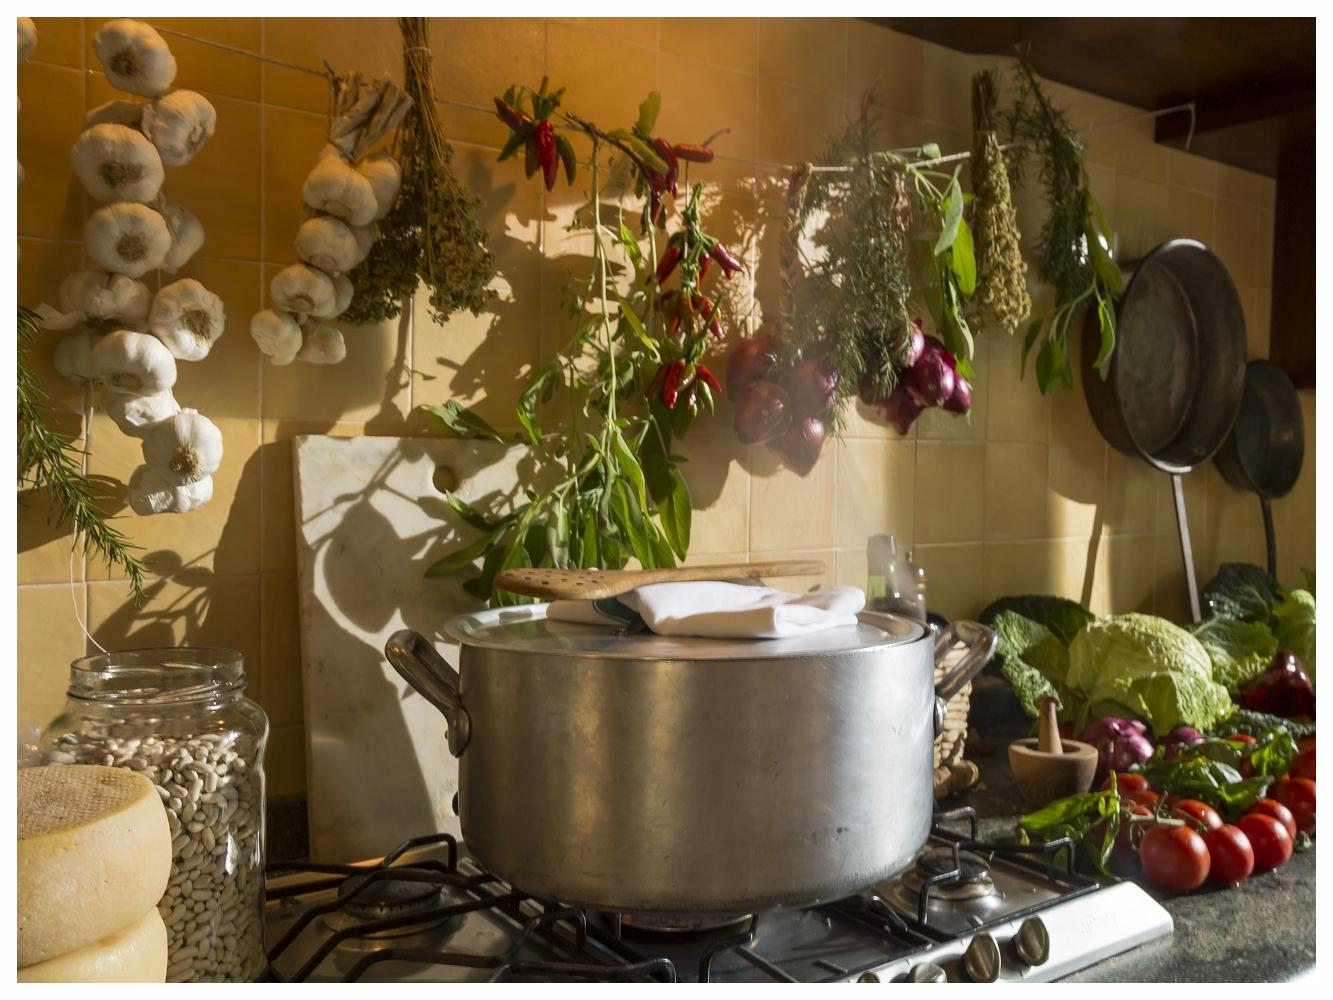 antonio senes cucina1639.jpg